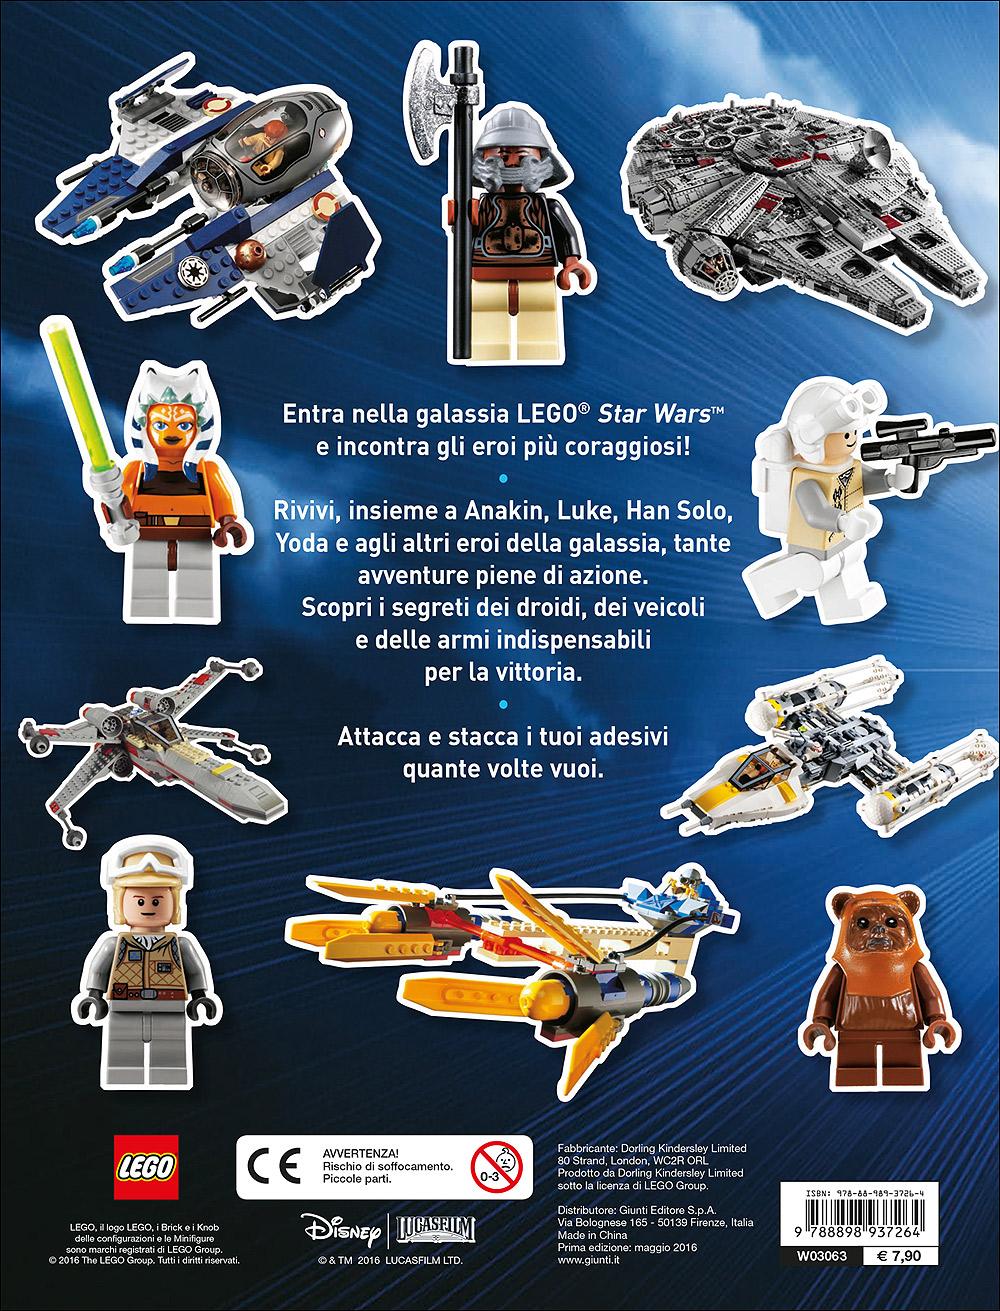 Attacca gli eroi - Star Wars LEGO. Tutto sugli eroi